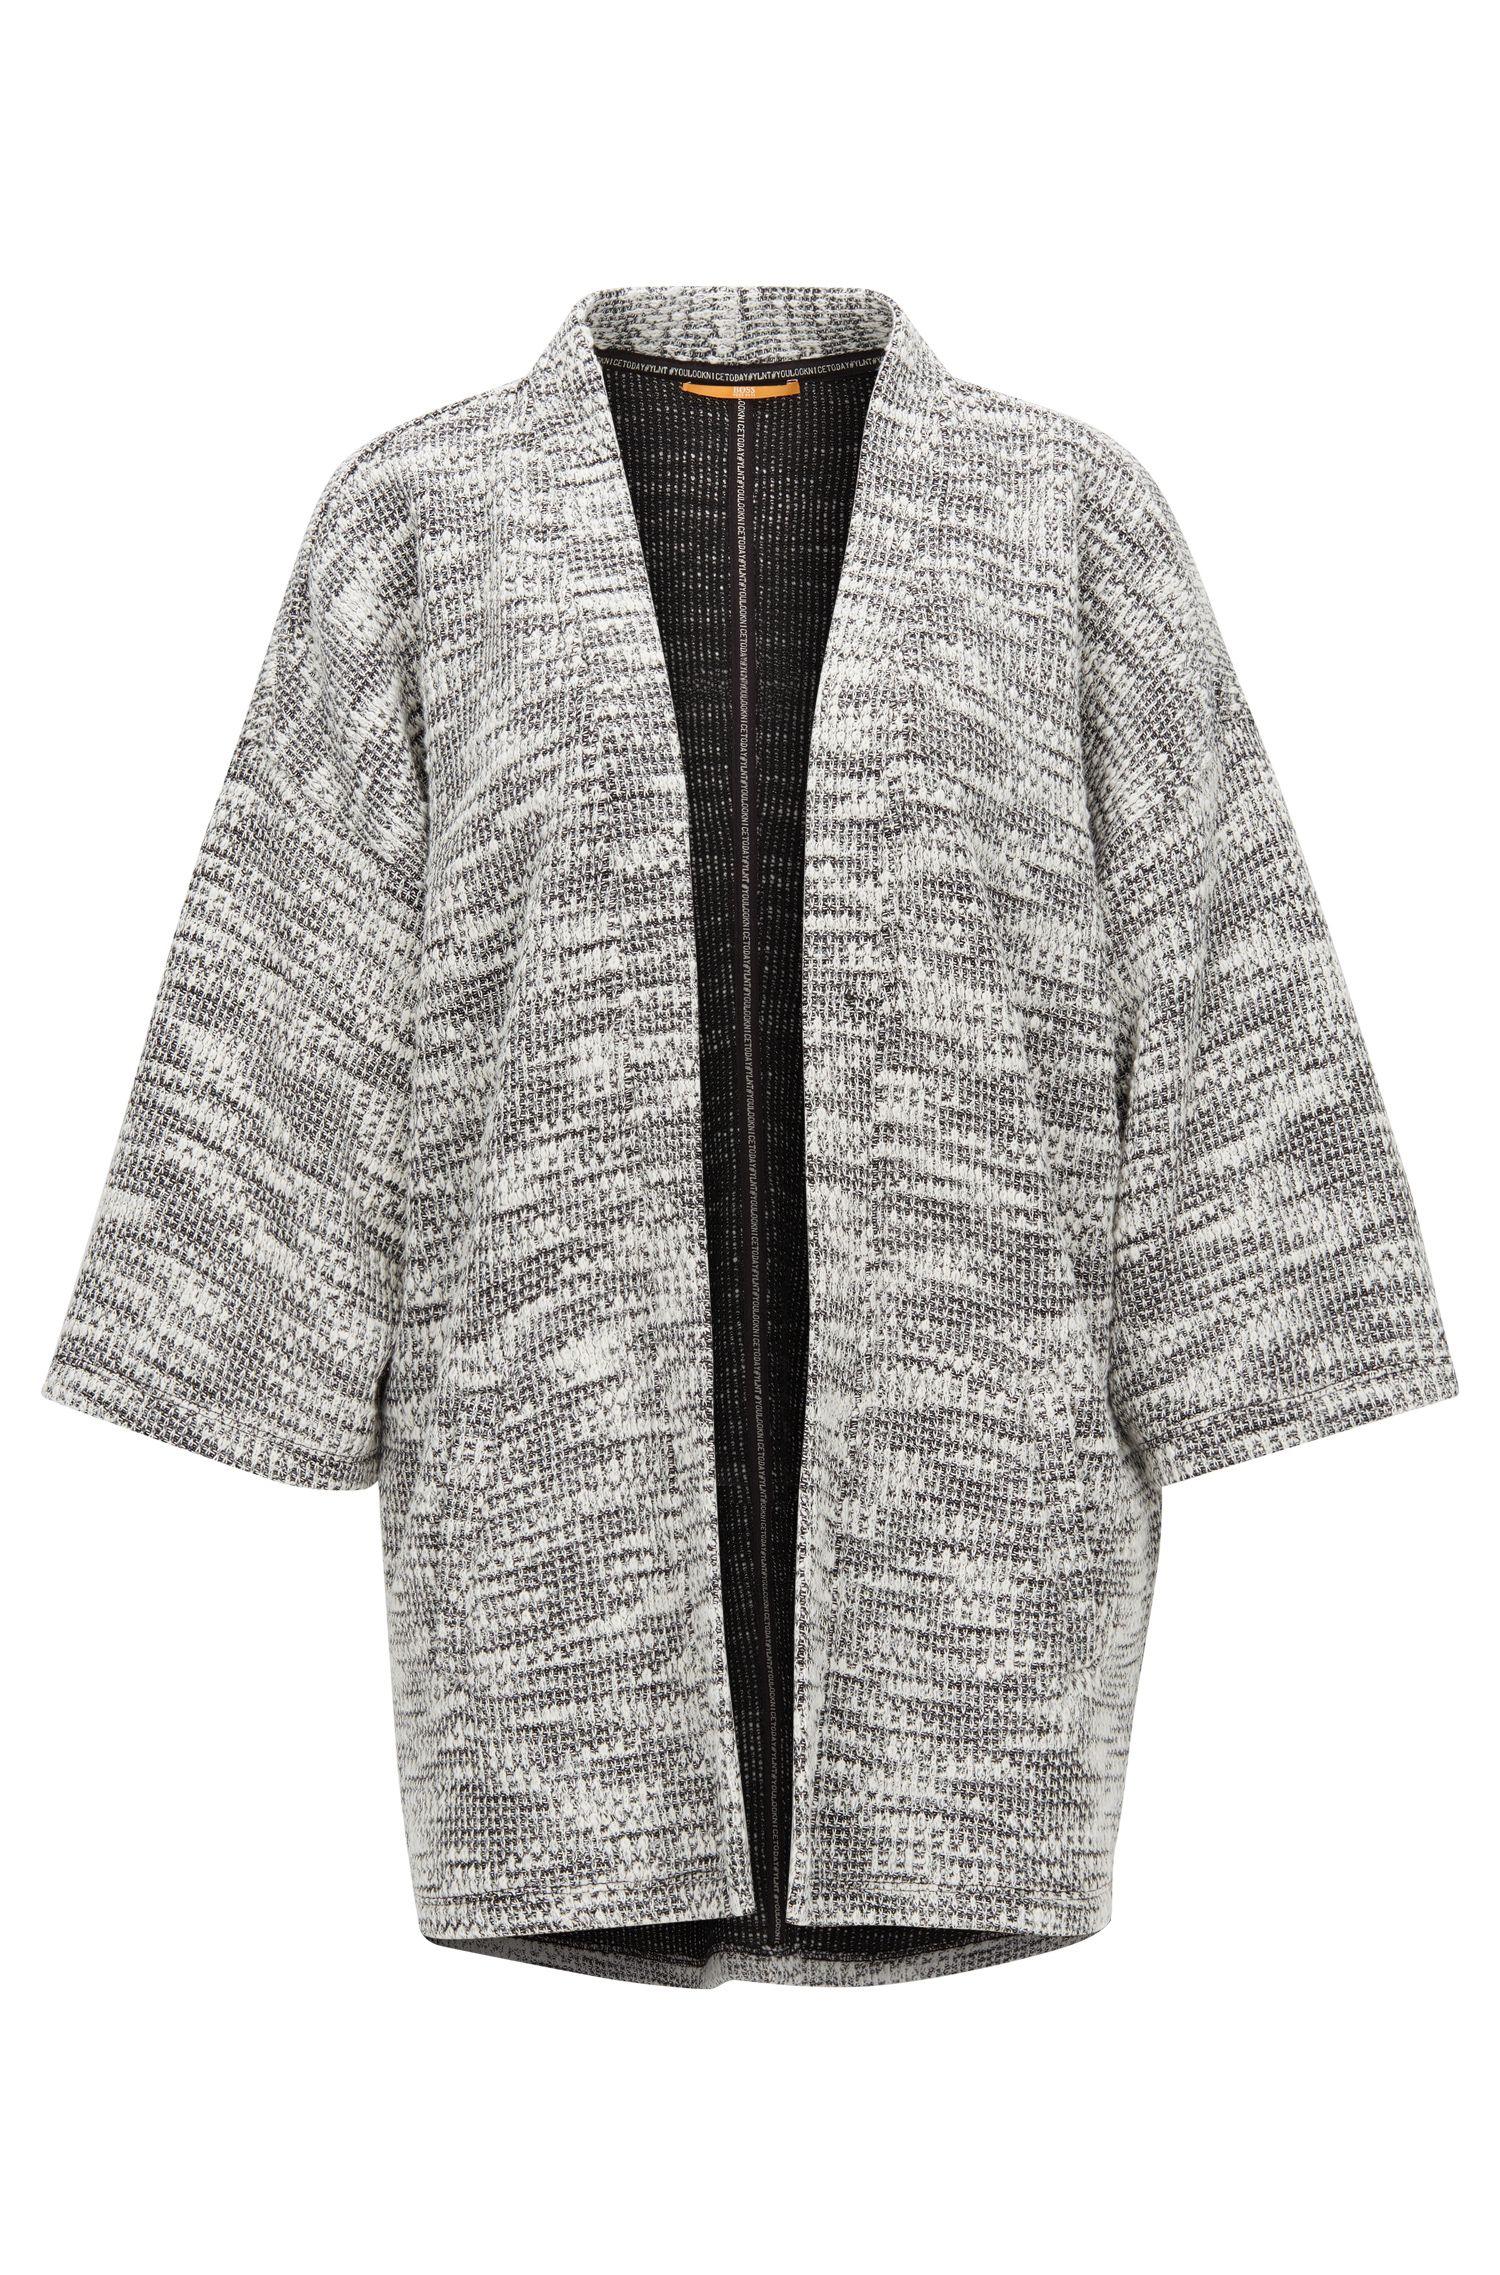 Cardigan en grosse maille à manches kimono